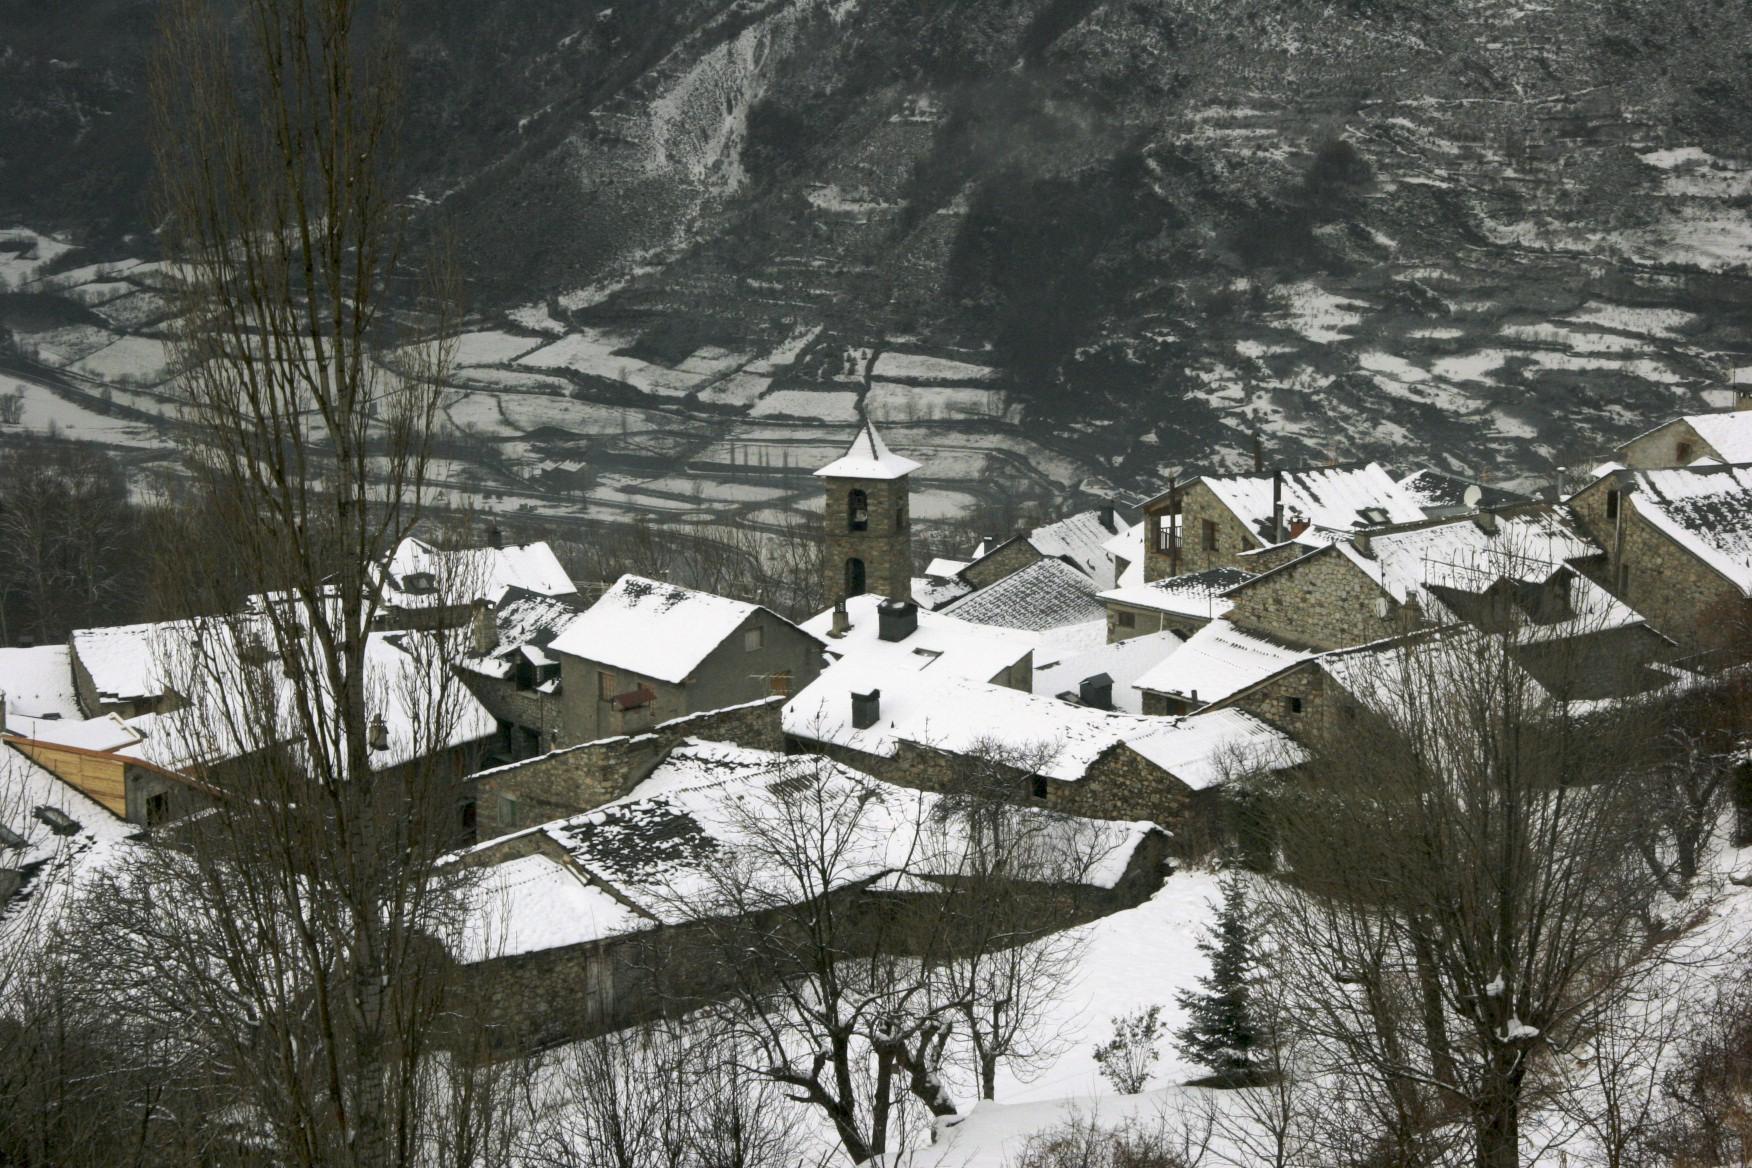 Pedimos explicaciones a Olona y a Soro por el desbloqueo de la mayor operación inmobiliaria proyectada en el Pirineo aragonés